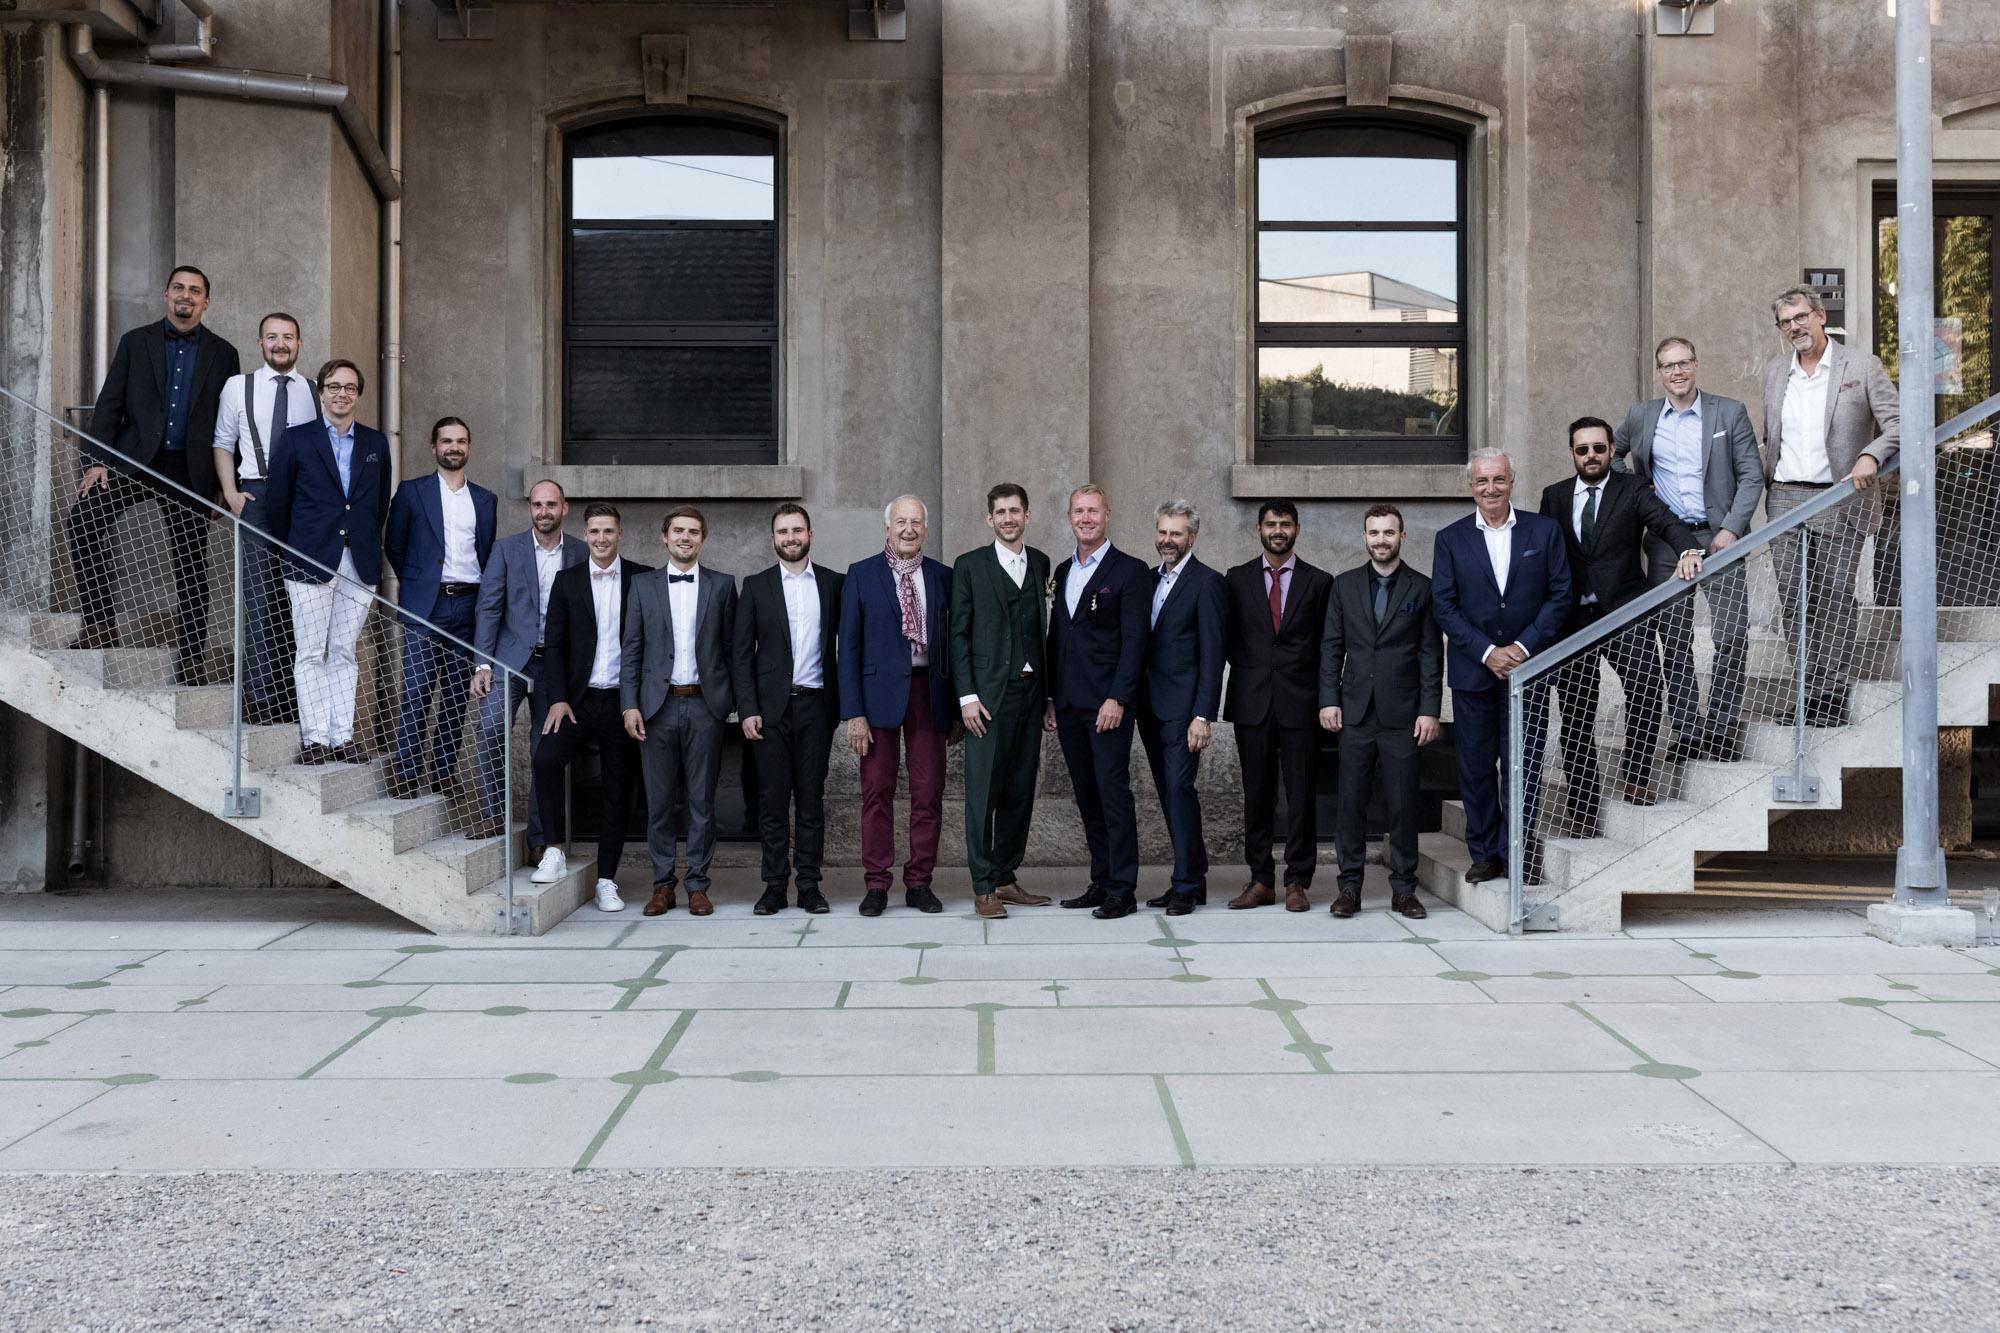 Hochzeit im Turbinenhaus in Basel - Gruppenbild Männer